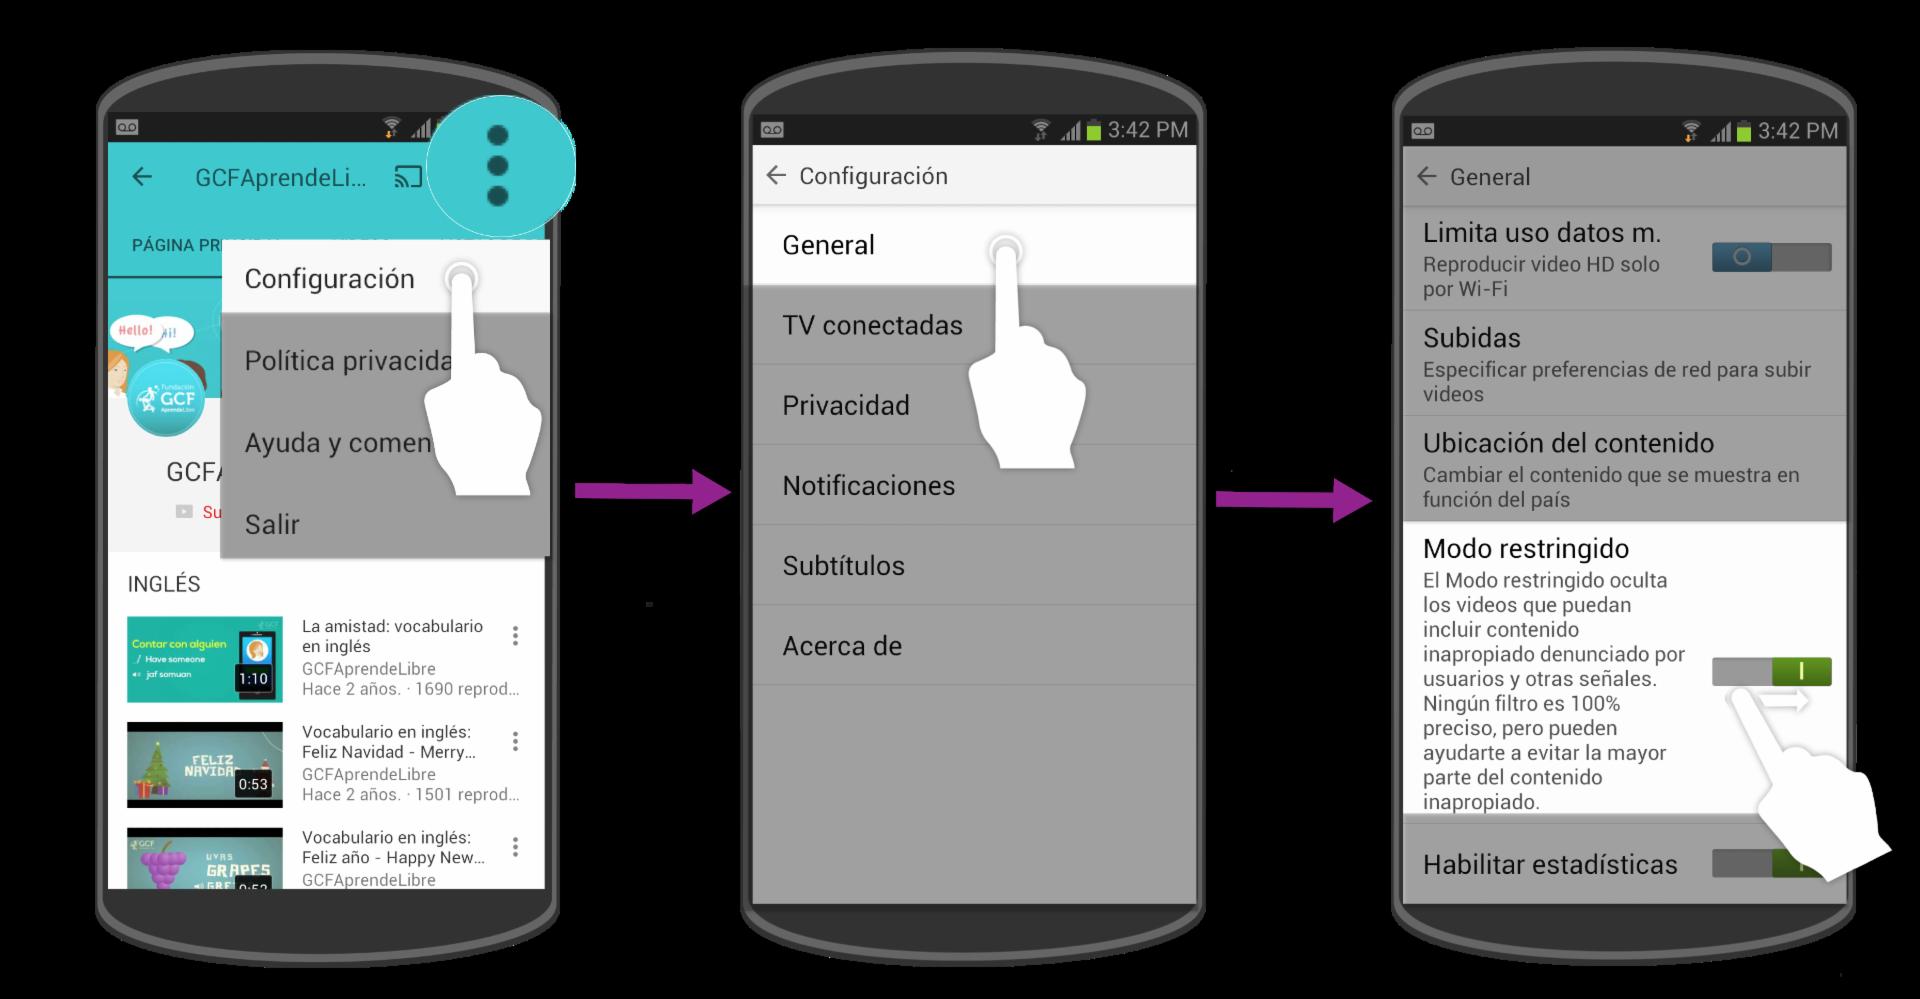 También puedes activar el modo restringido en un dispositivo móvil.